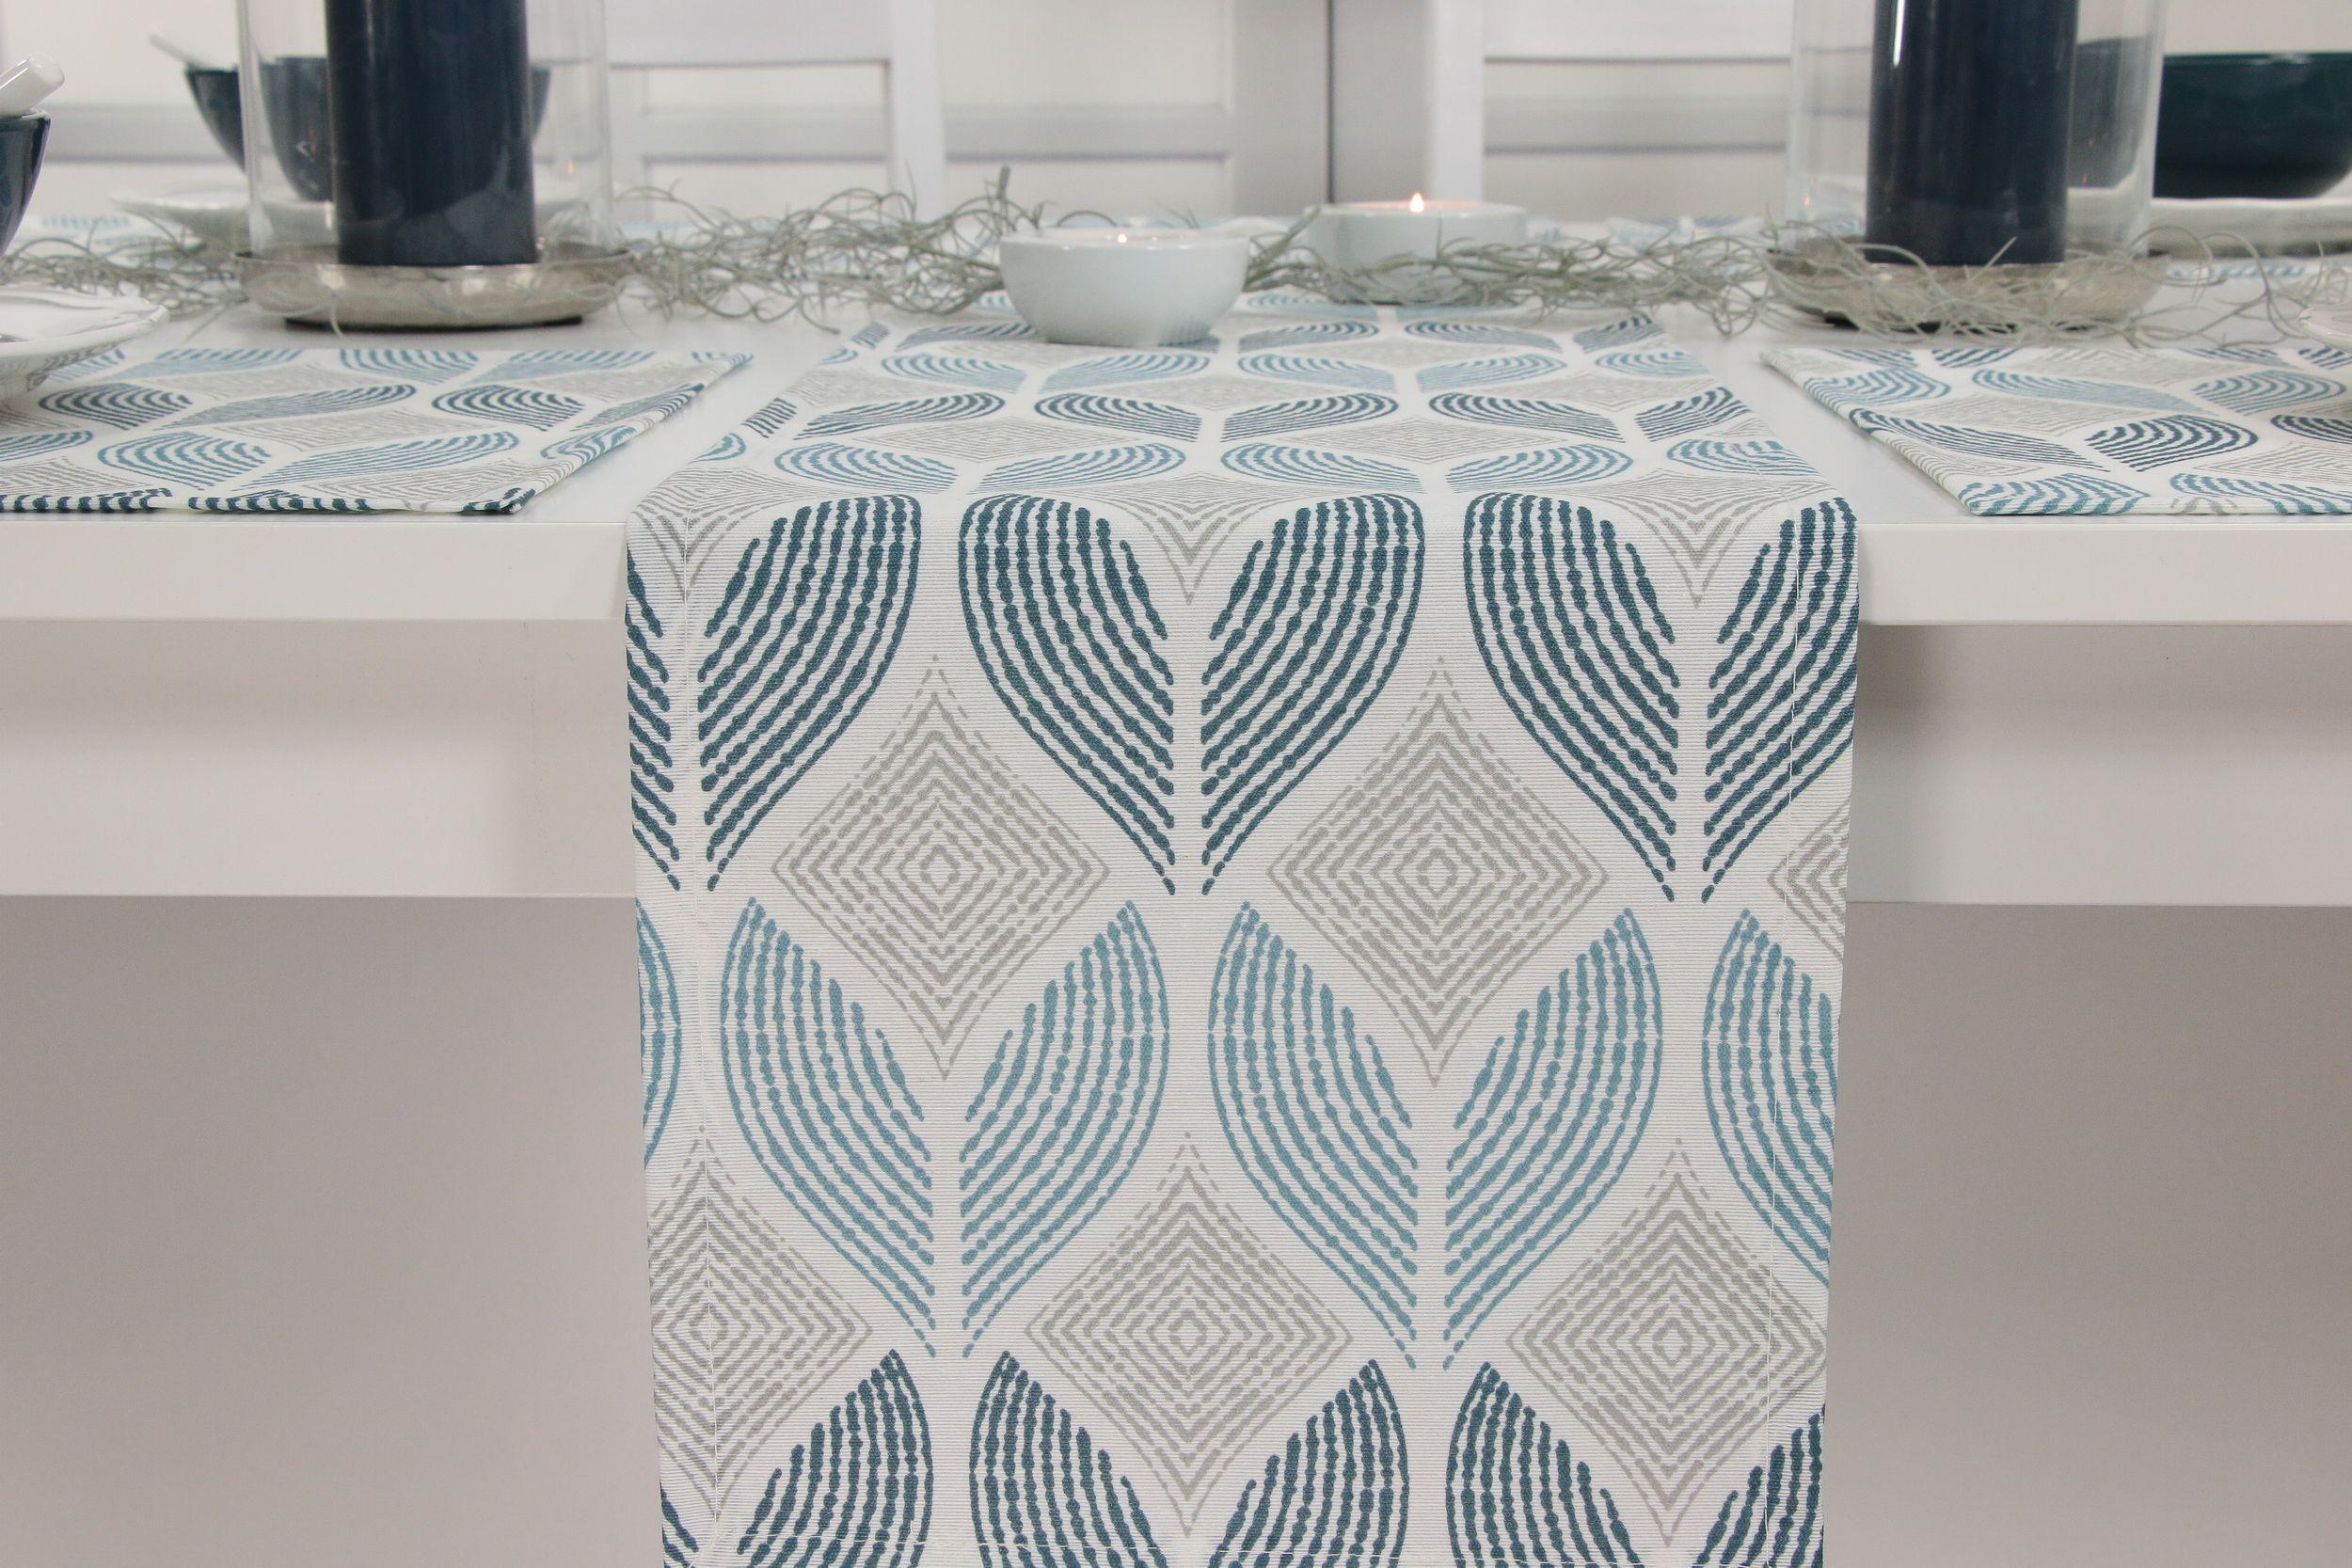 Pin Von Tischdecken Shop Tideko Auf Abwaschbare Tischdecke Praktisch Schon Haus Deko Tischlaufer Dekor